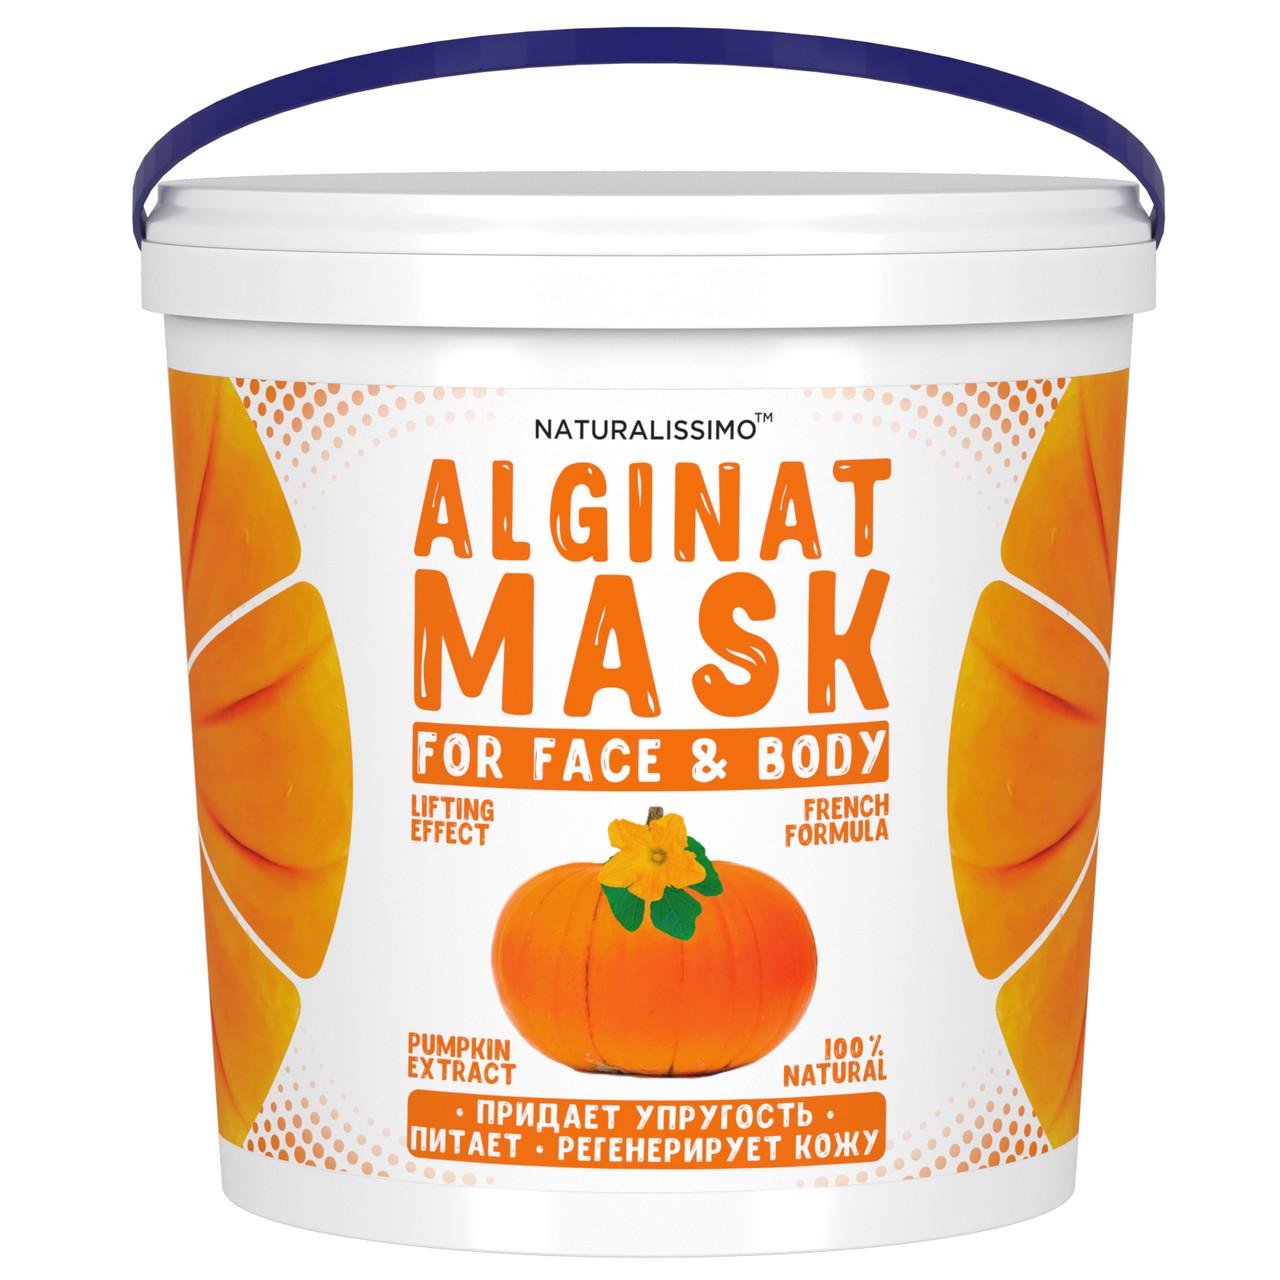 Альгинатная маска Увлажняет, смягчает и восстанавливает кожу,  с тыквой, 1000 г